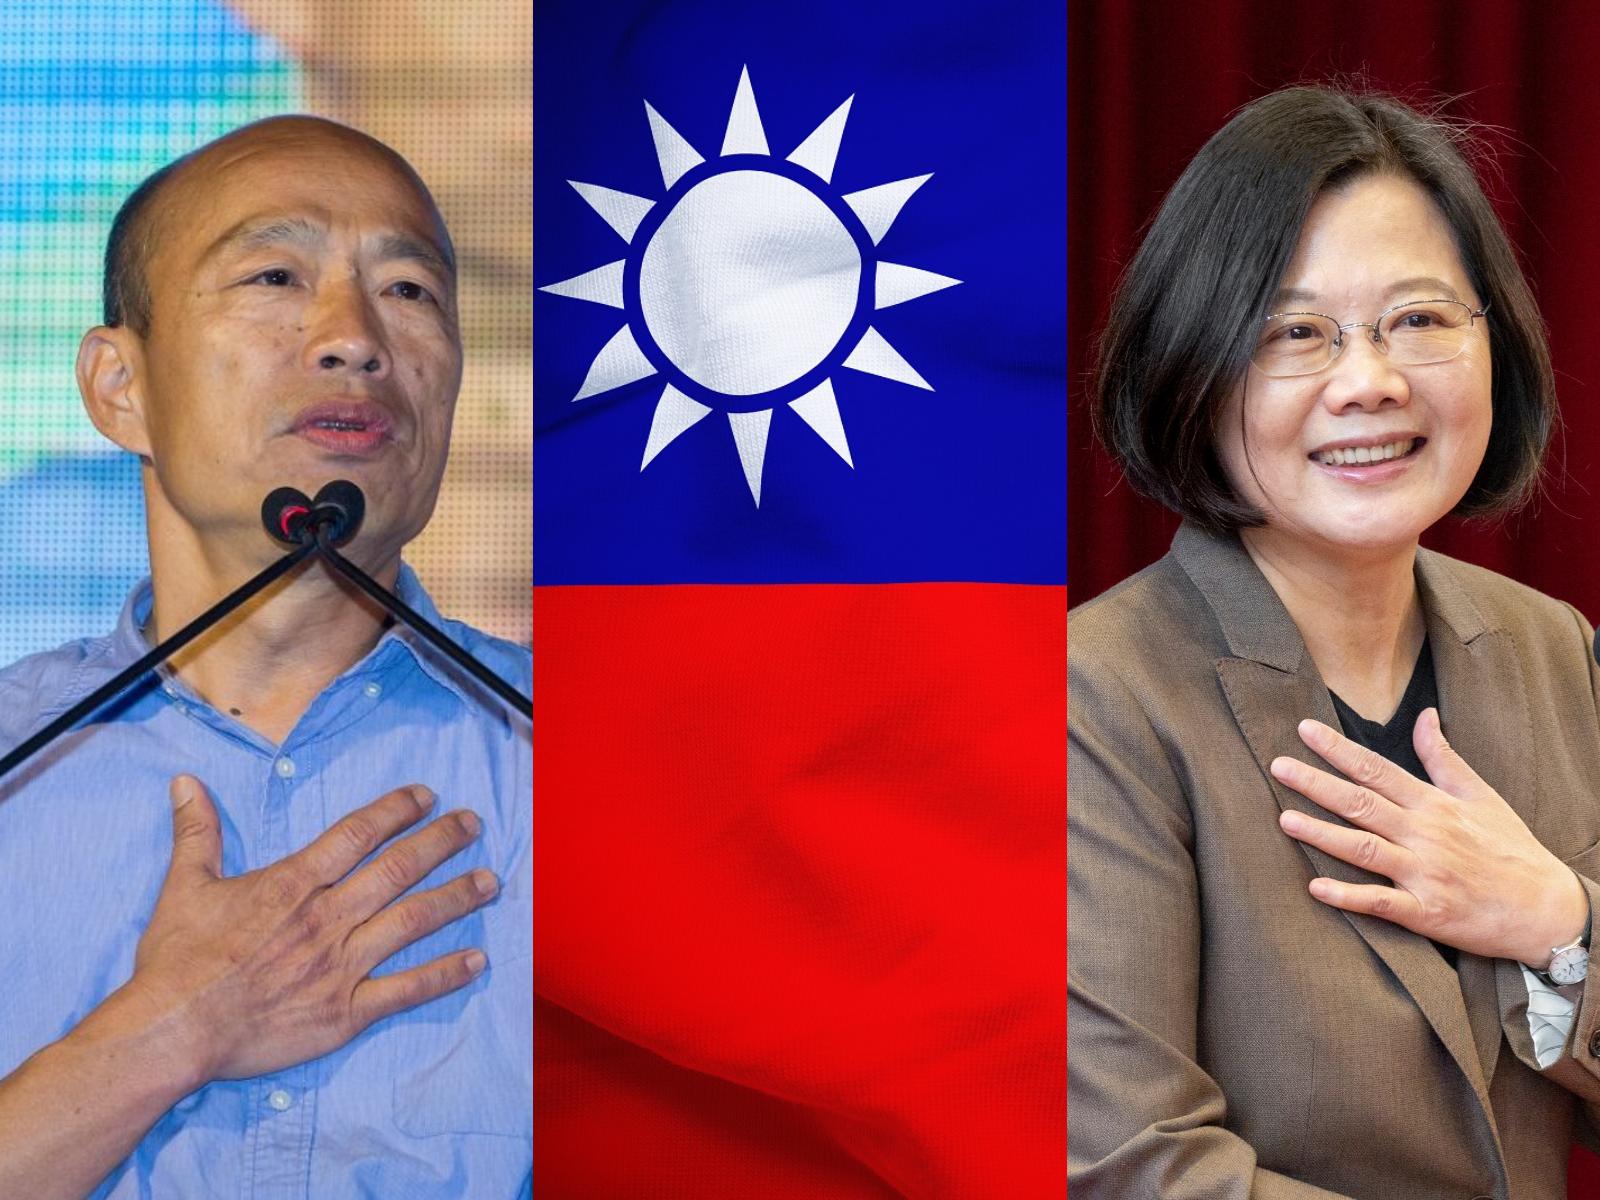 扣掉香港、韓國瑜,小英不會贏這麼輕鬆?在台港人分析:台灣存亡危機,才是勝選關鍵